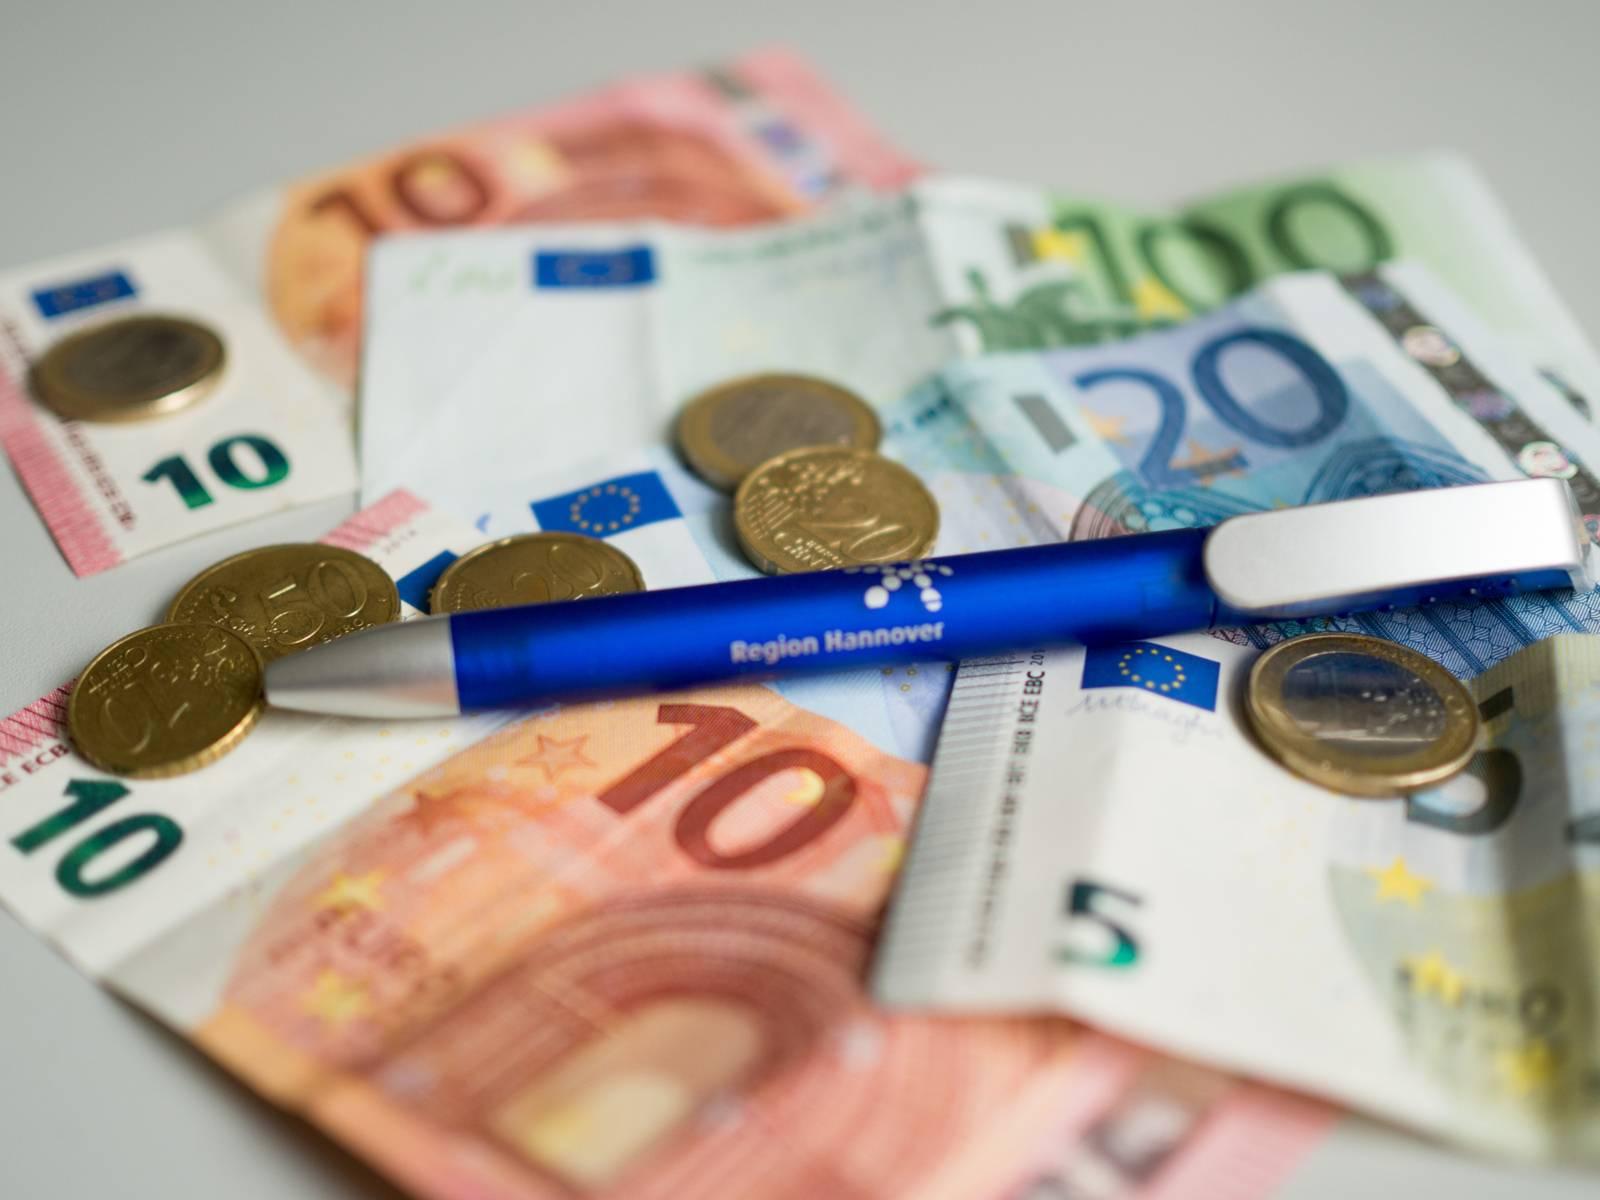 Zwei Zehneuroscheine, ein Hunderteuroschein, ein Zwanzigeuroschein, ein Fünfeuroschein, mehrere Münzen und ein blauer Kugelschreiber liegen auf einem grauen Tisch.